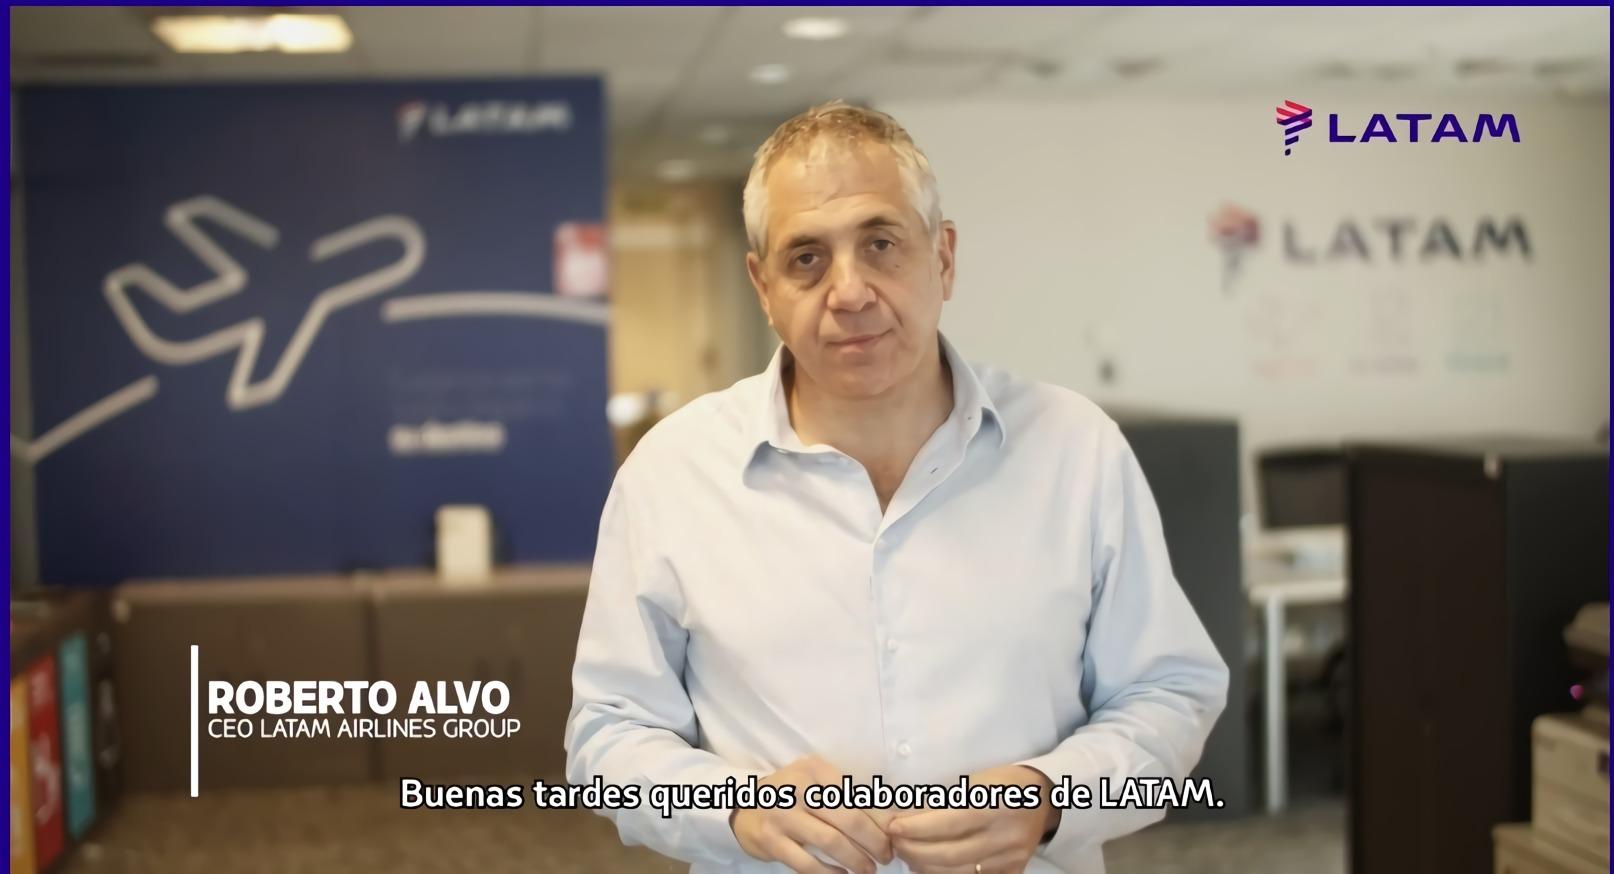 """Tras abrir retiros """"voluntarios"""", con un video Latam anuncia 1.400 despidos en medio de la pandemia"""